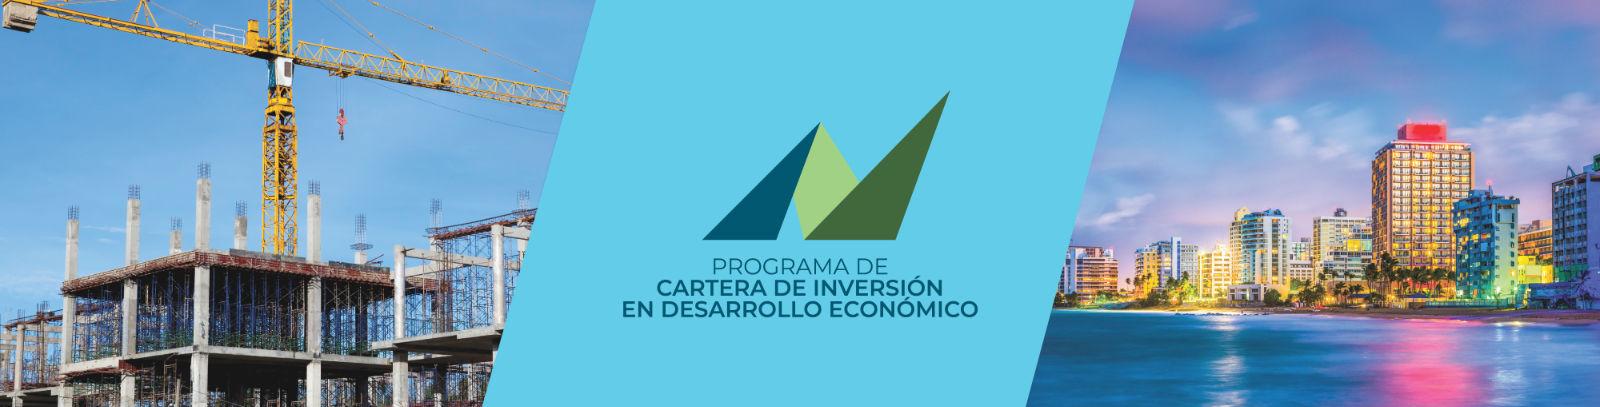 Programa de Cartera de Inversión en Desarrollo Económico